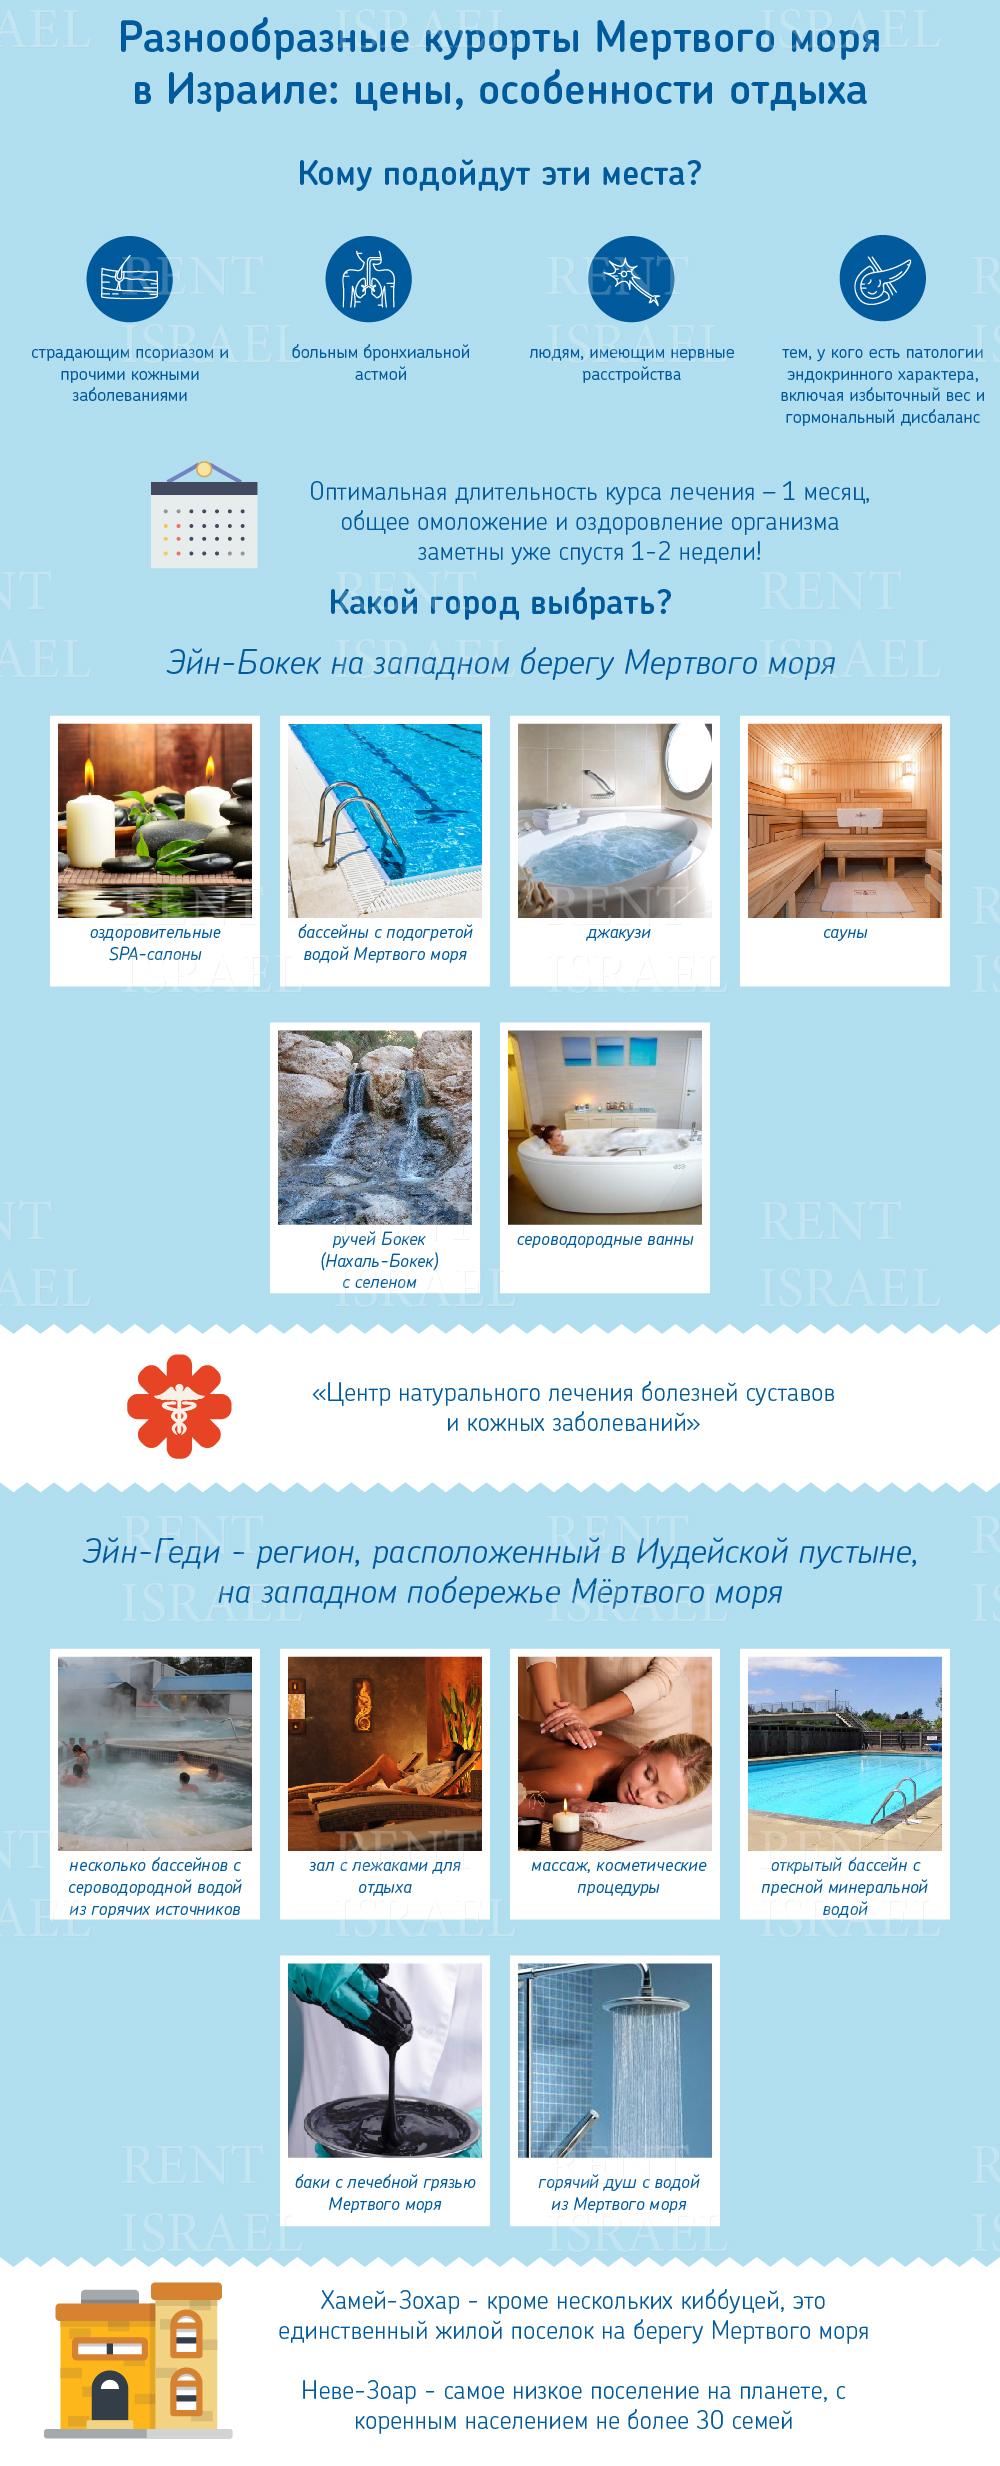 Полезная информация о курорте